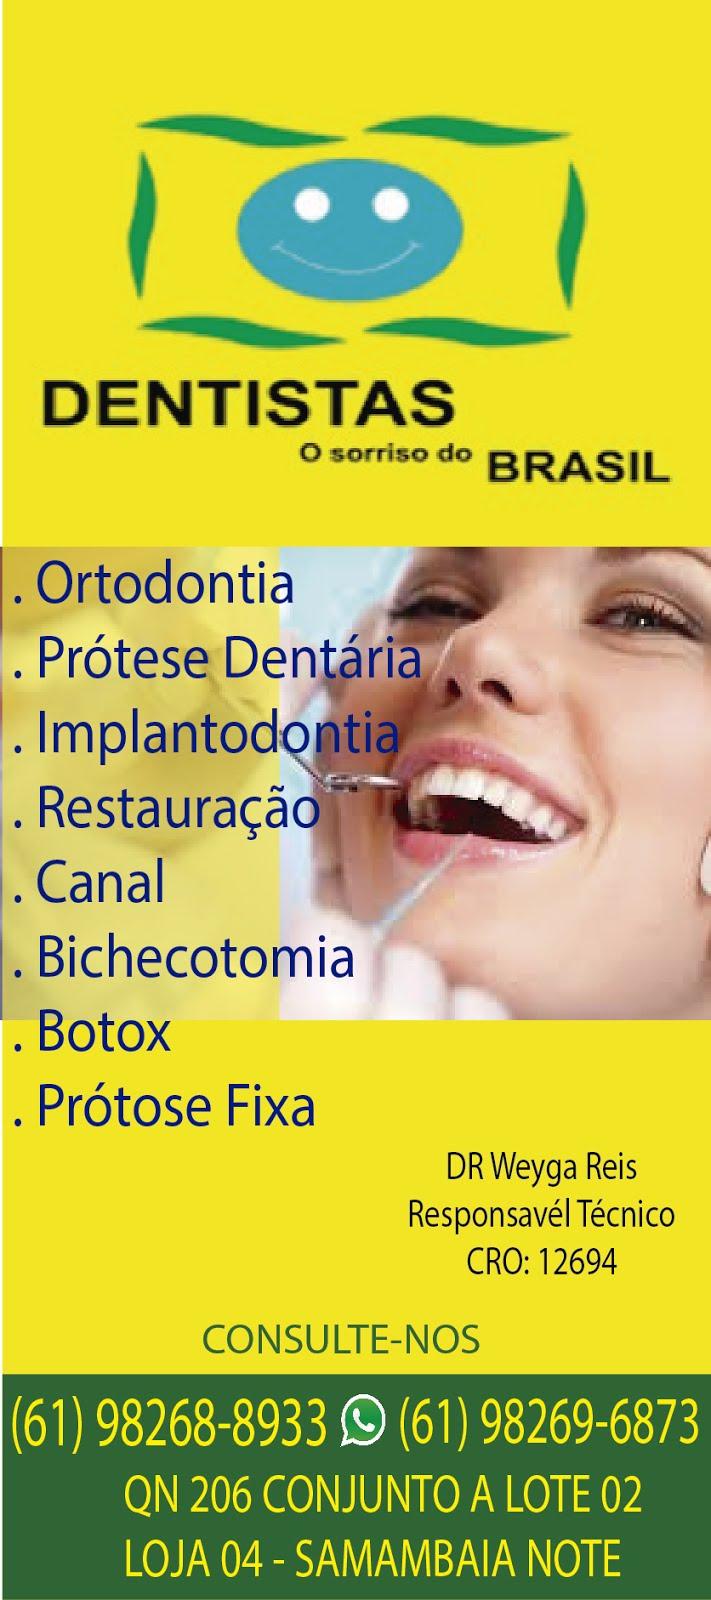 DENTISTAS DO BRASIL